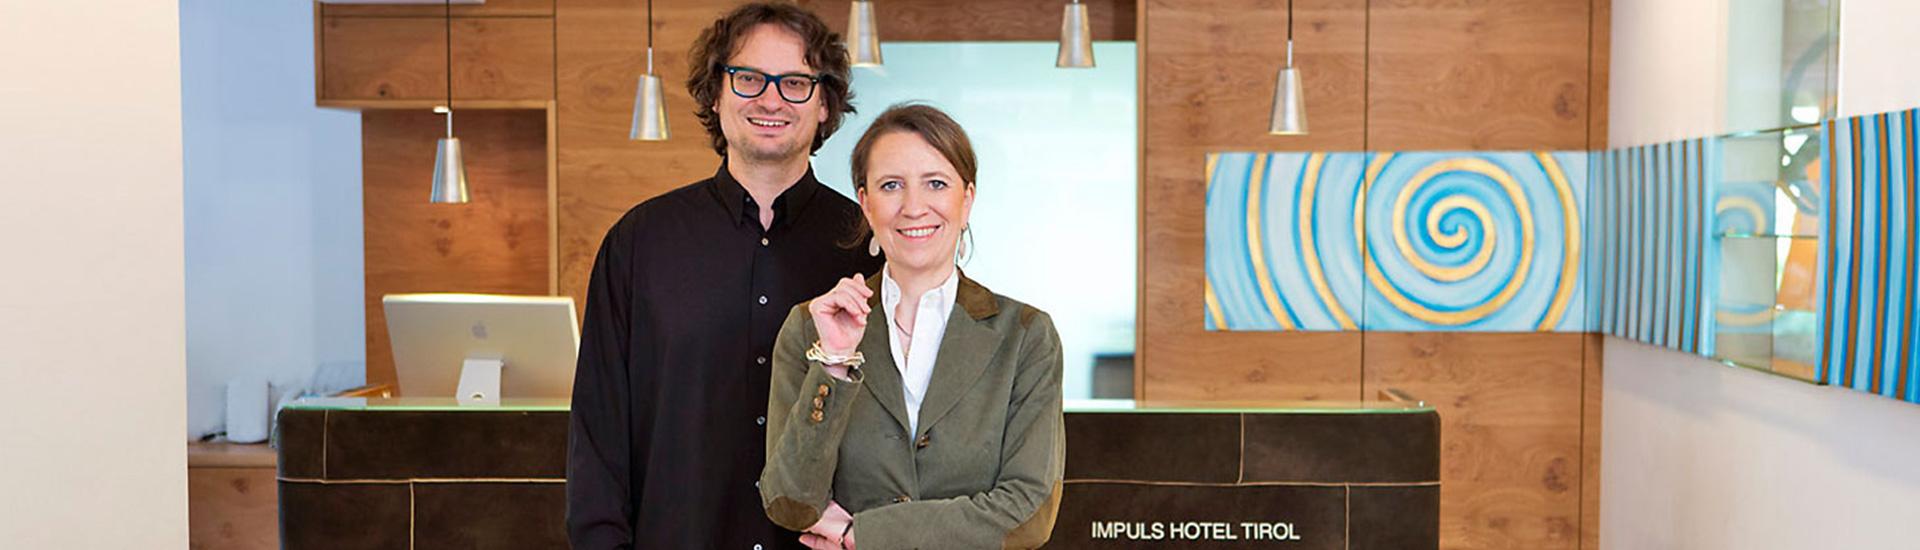 Ihre Gastgeberfamilie begrüßt Sie im Impuls Hotel Tirol